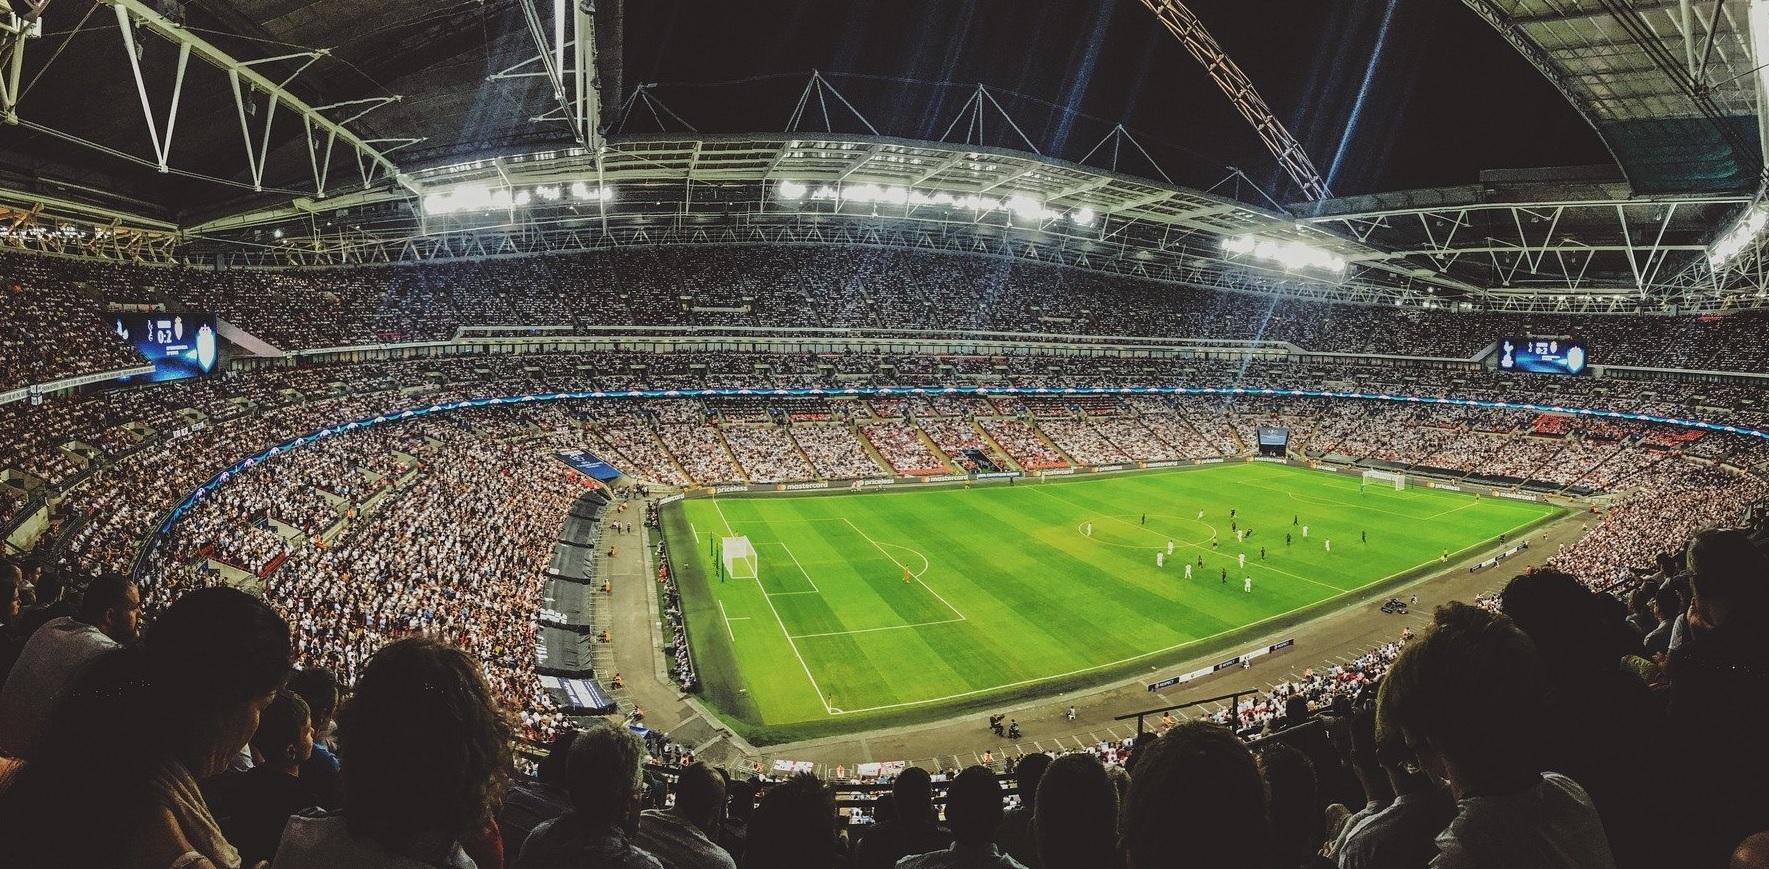 Champions League 2021 - 2022: Analiza grupelor și favoritele competiției